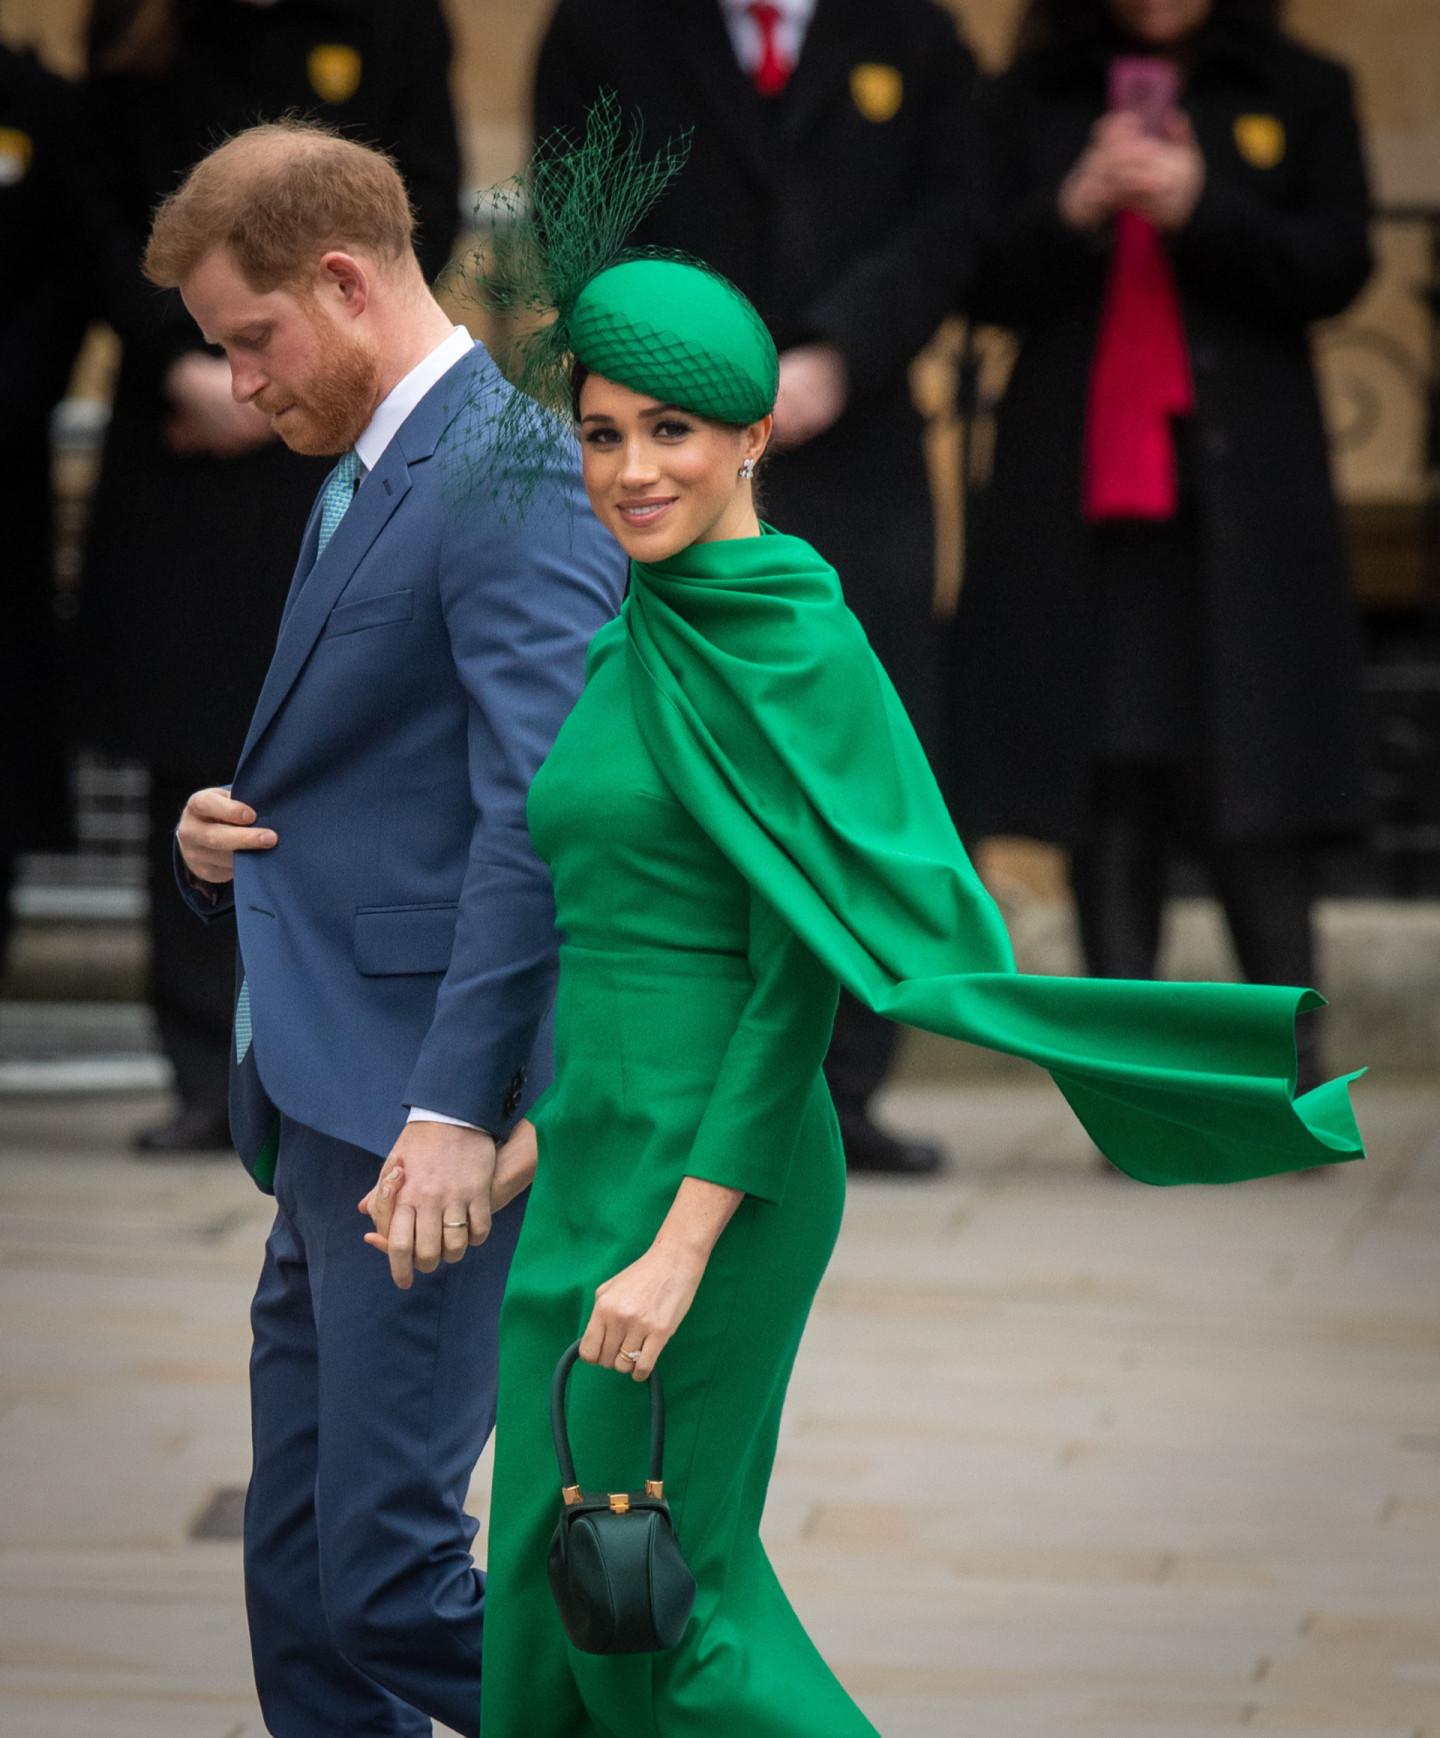 Принц Гарри и Меган Маркл с сумкой Gabriela Hearst, 2020 год